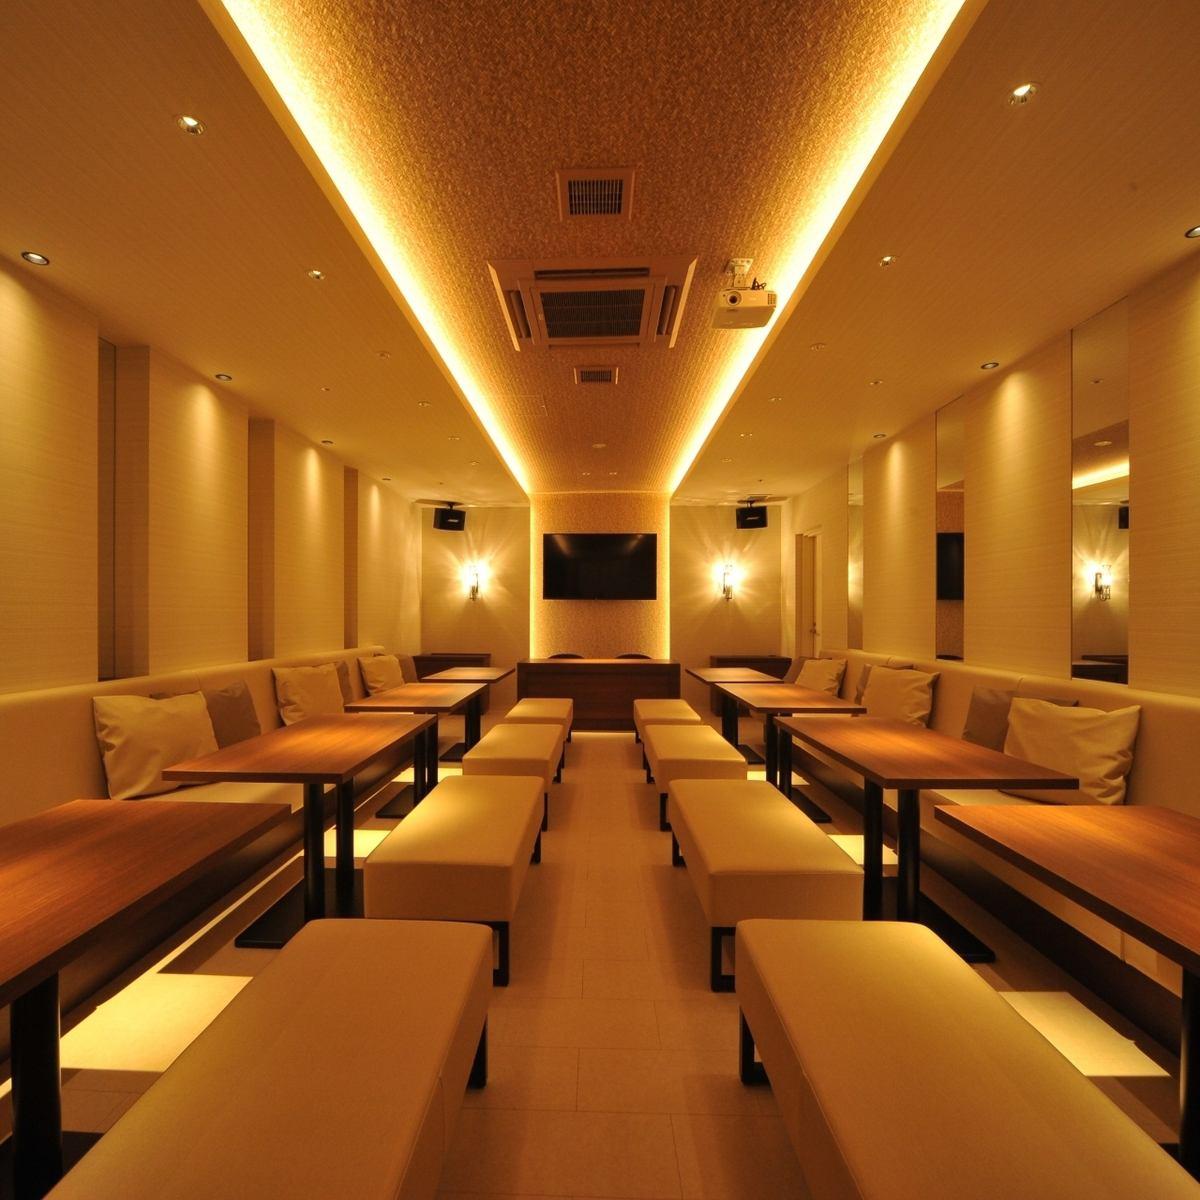 可容纳多达30人的派对室配有大型监视器和投影仪。因为接收包括卡拉OK在内的地波,所以也推荐用于观看运动和看电影等多用途的用途